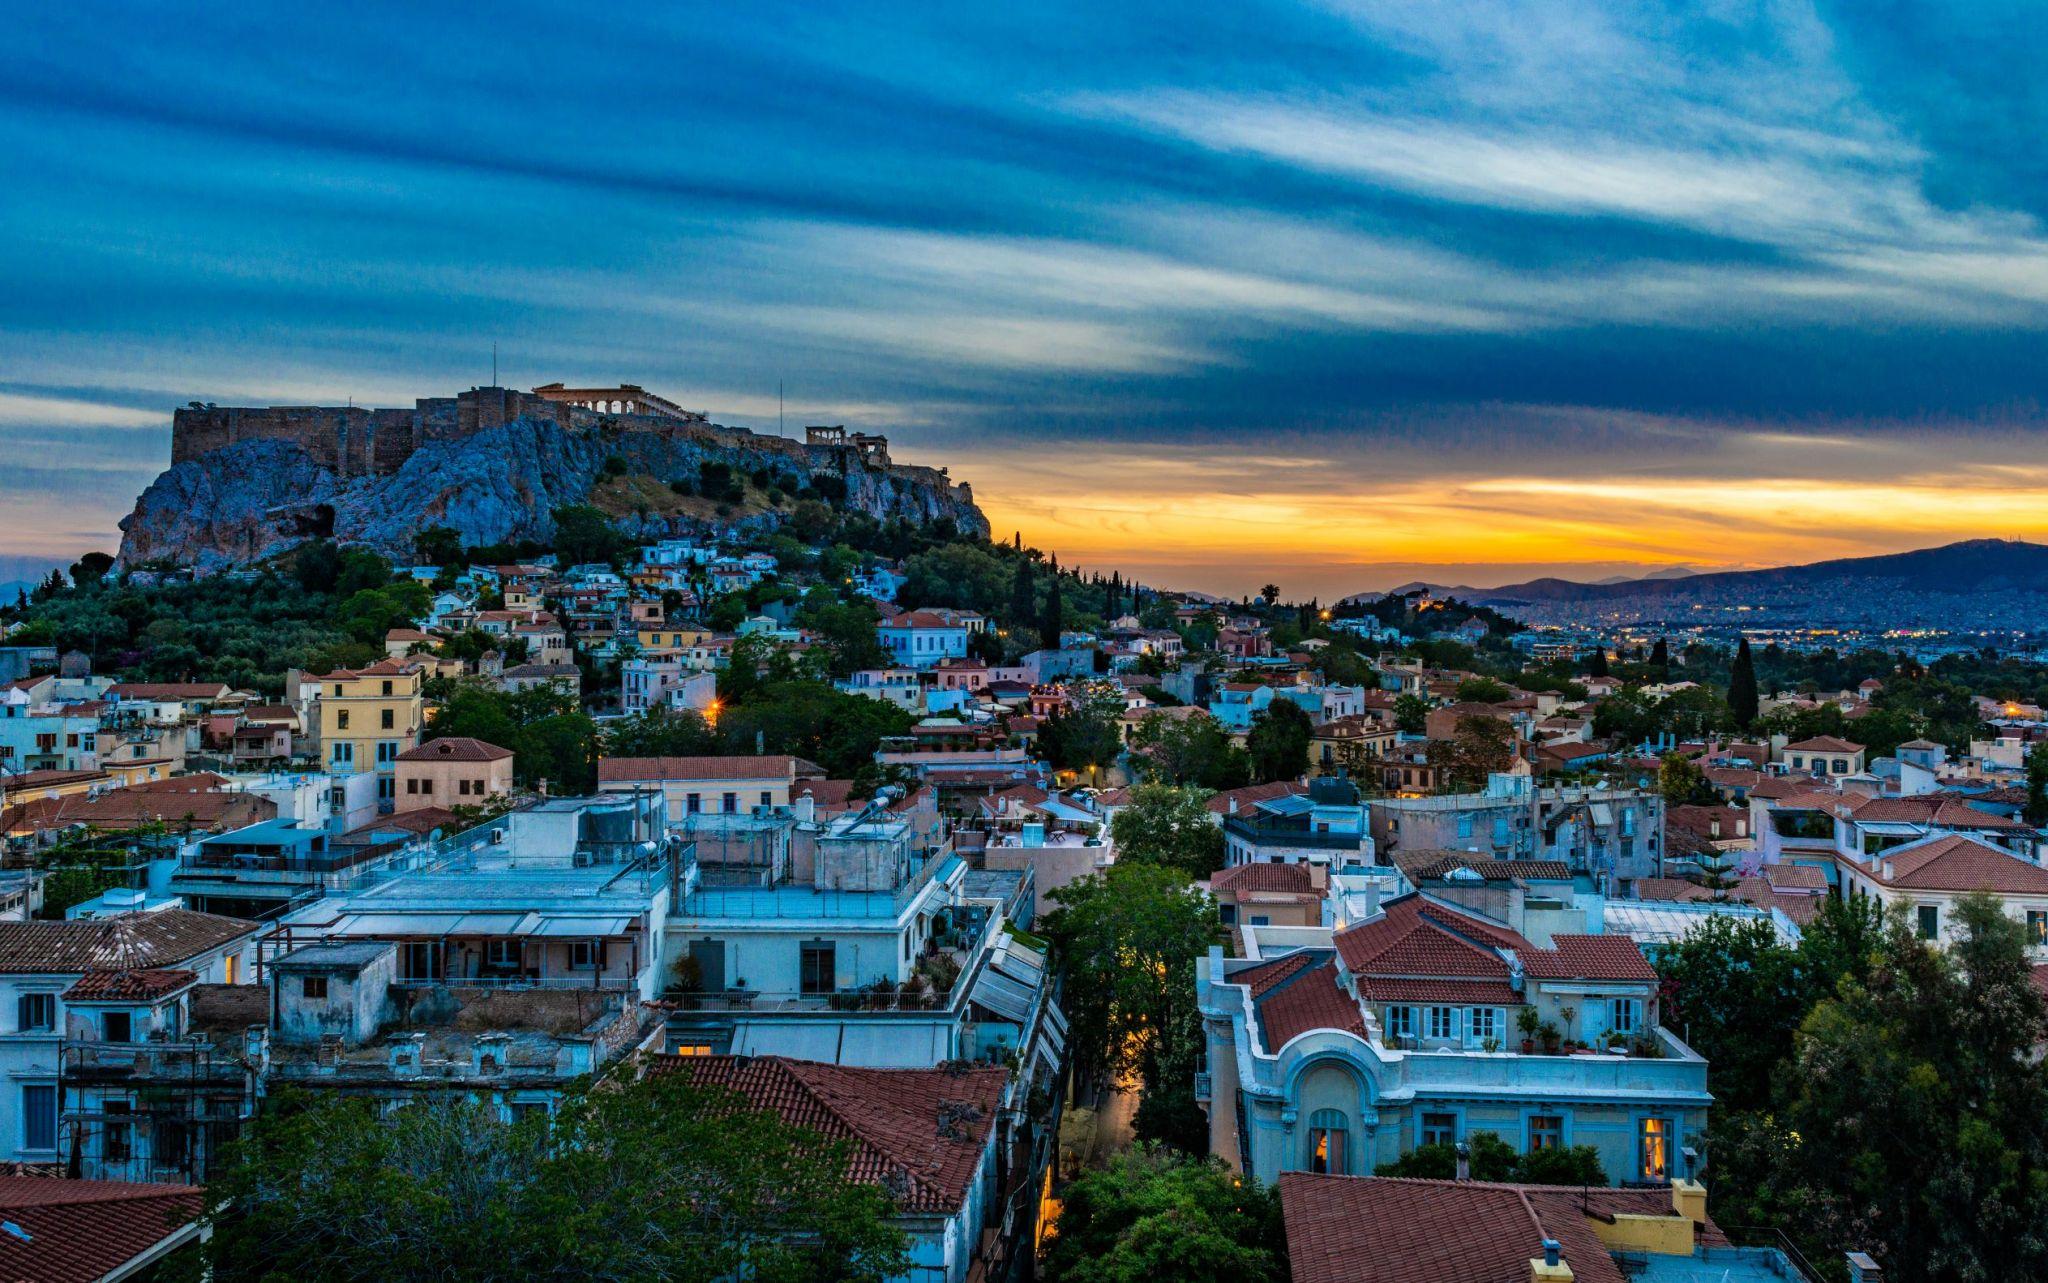 Athens Plaka view on the Acropolis, Greece